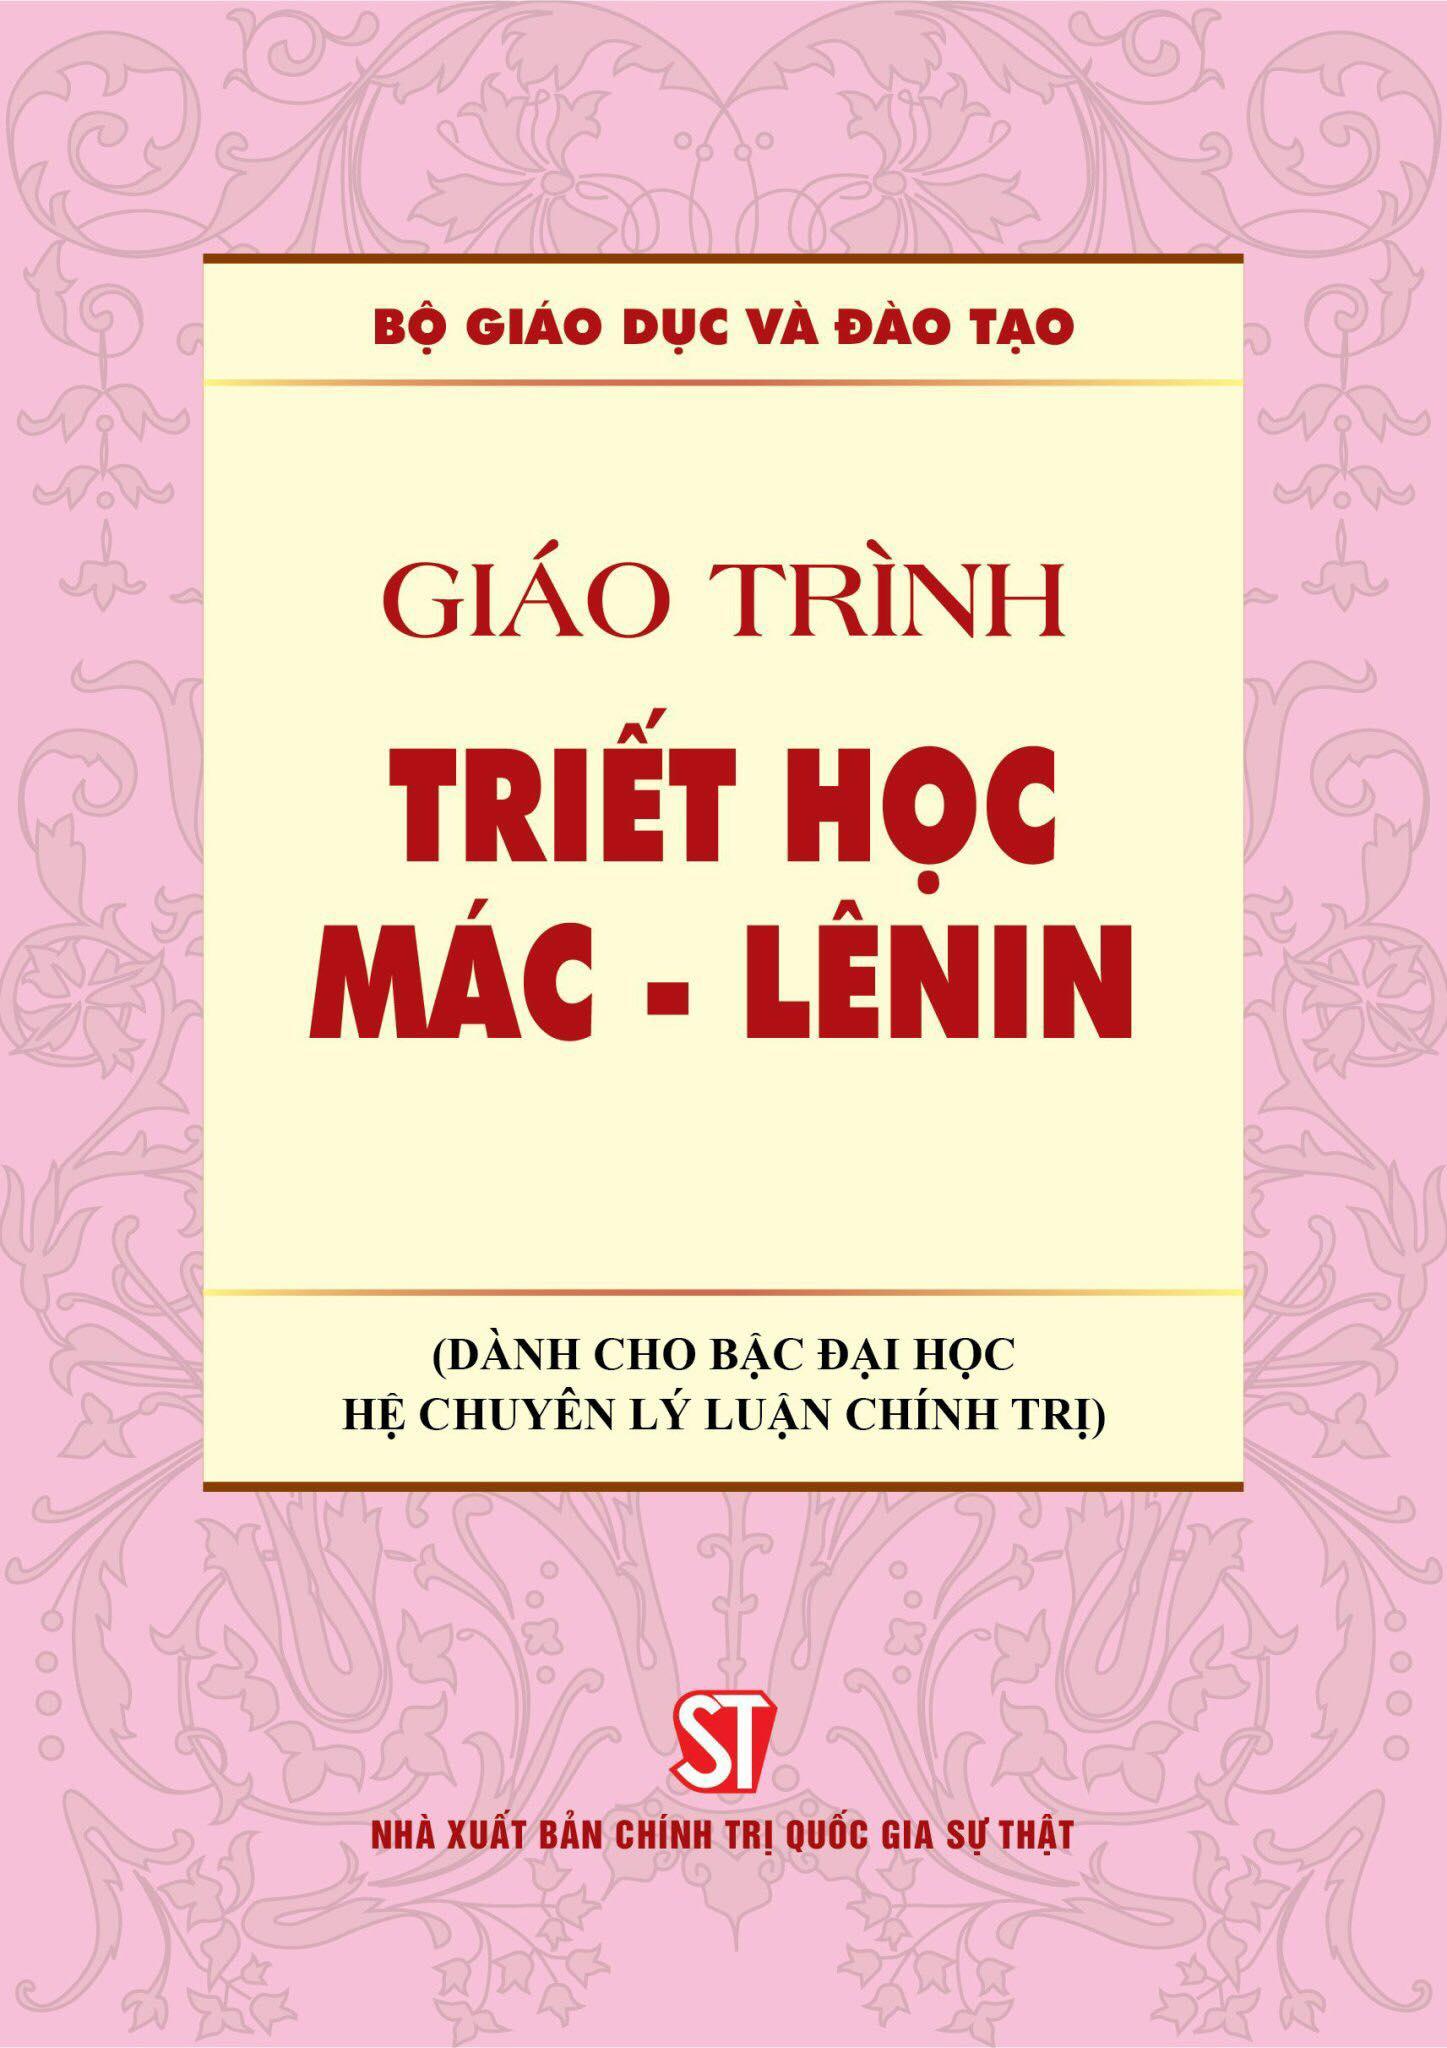 Giáo trình Triết học Mác - Lênin (Dành cho bậc đại học hệ chuyên lý luận chính trị)